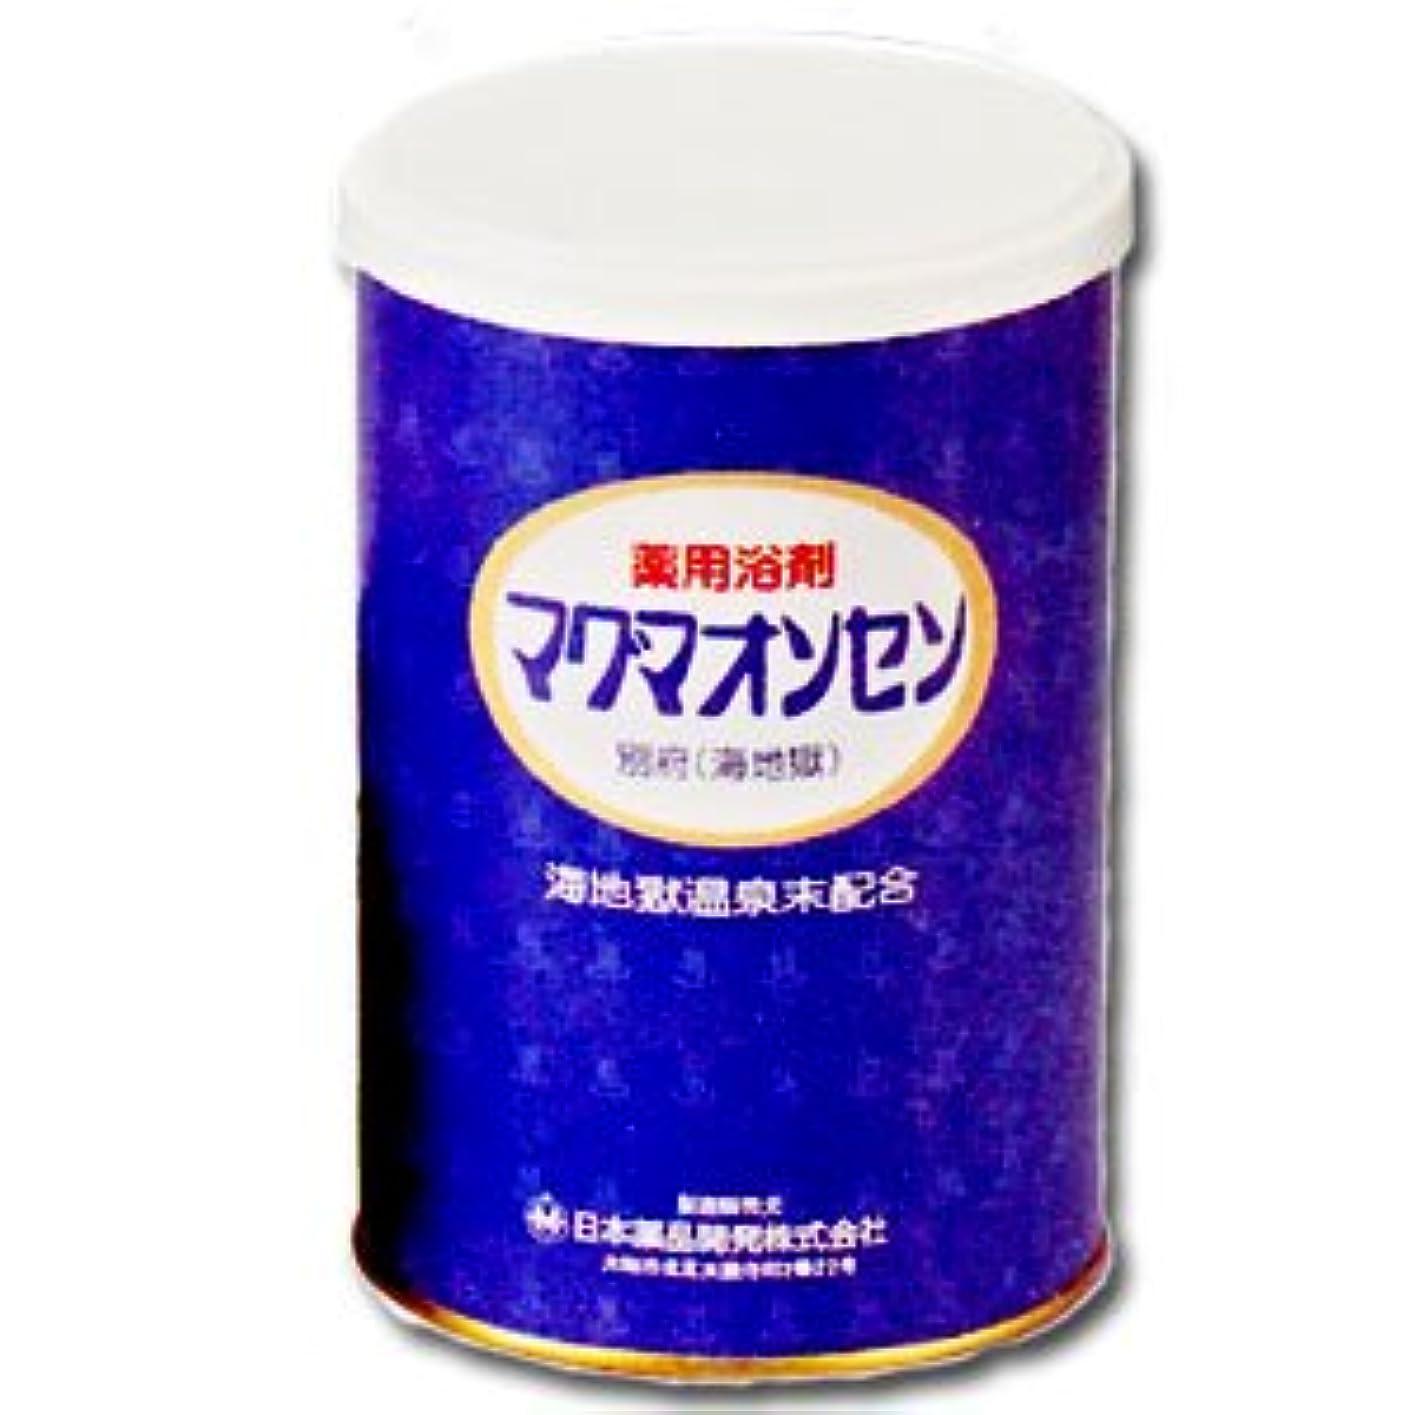 苦しむ振り返る自殺薬用入浴剤 マグマオンセン(医薬部外品)500g